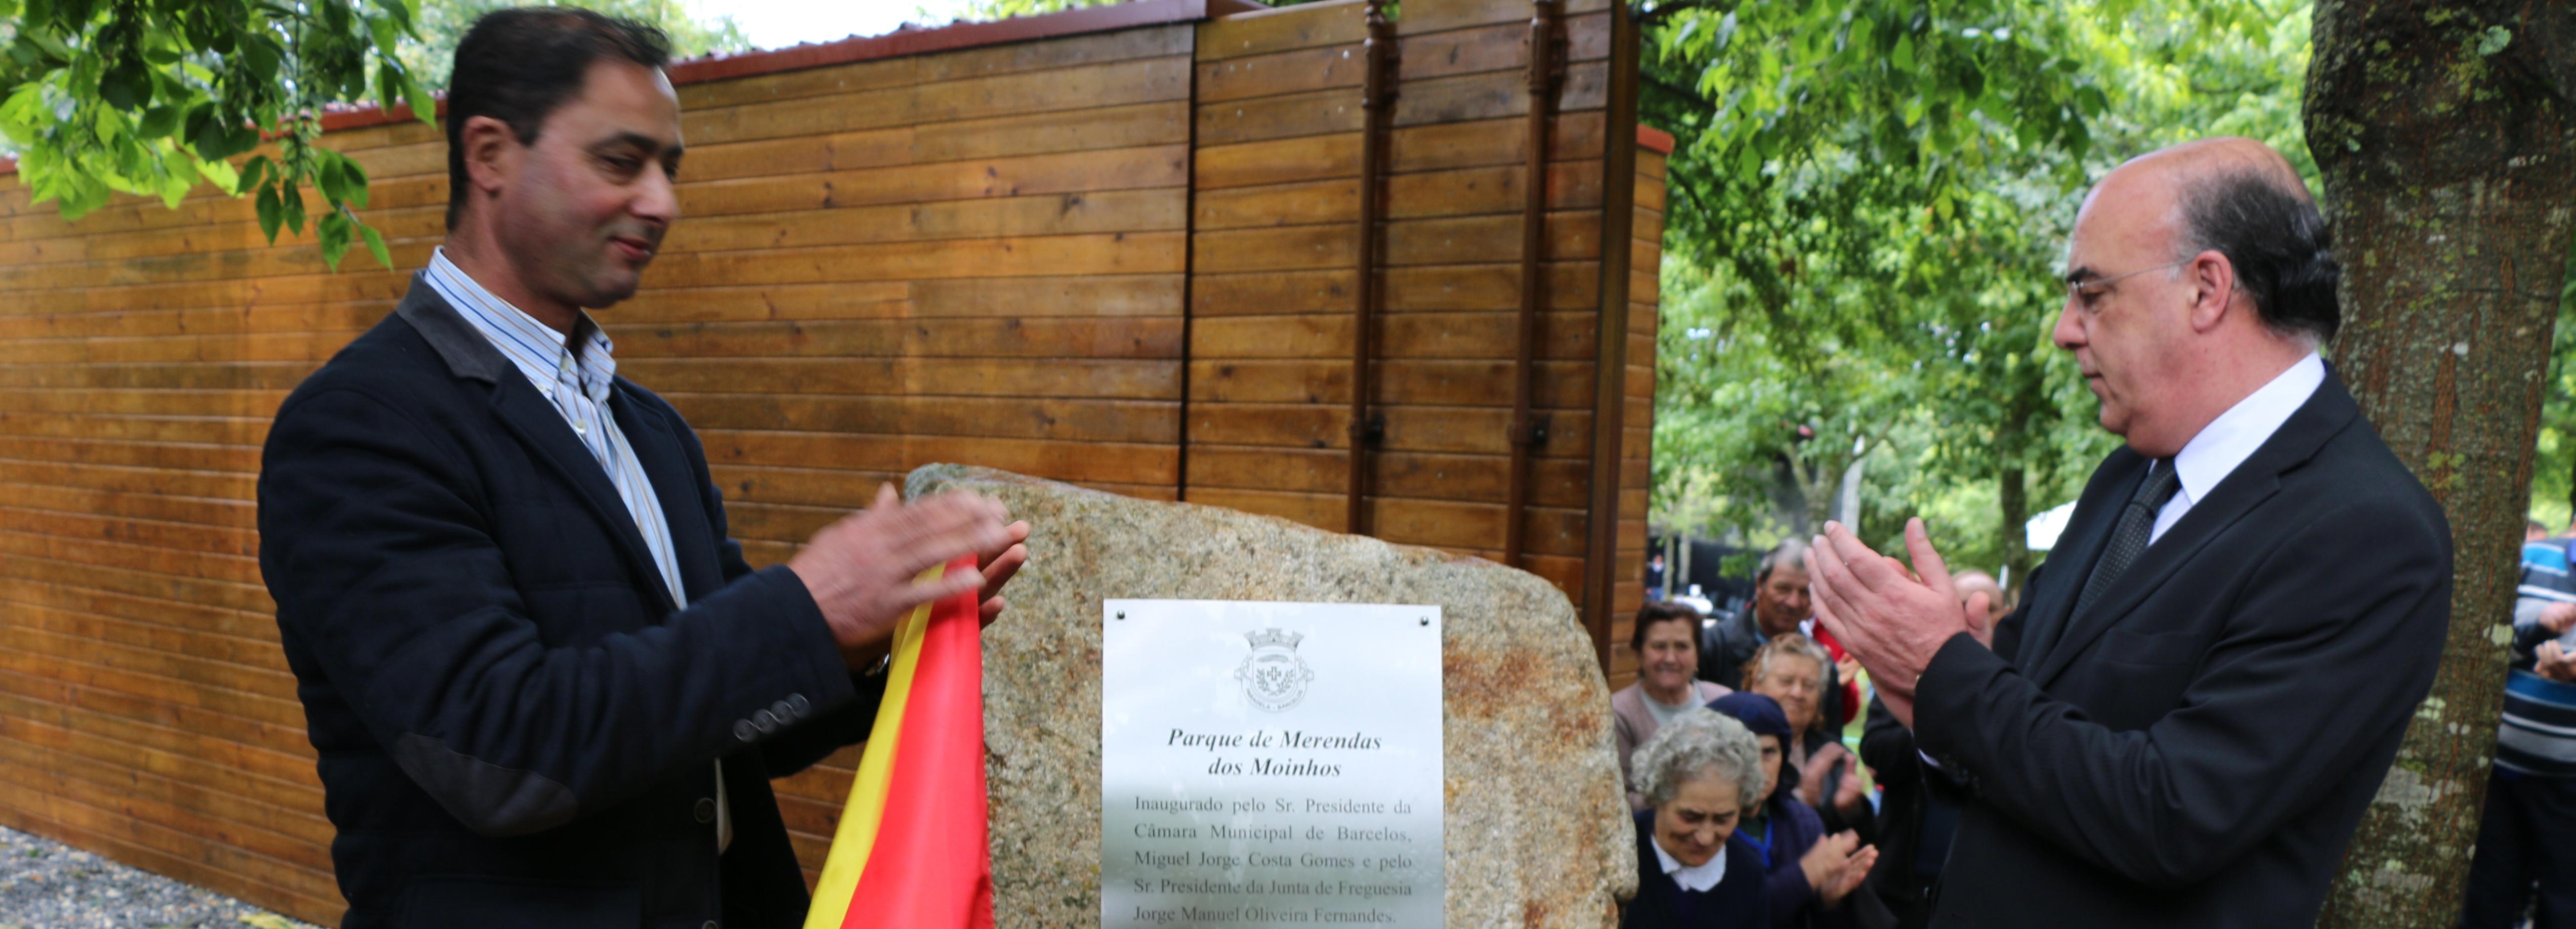 Presidente da Câmara inaugurou Parque de Merendas dos Moinhos em Paradela